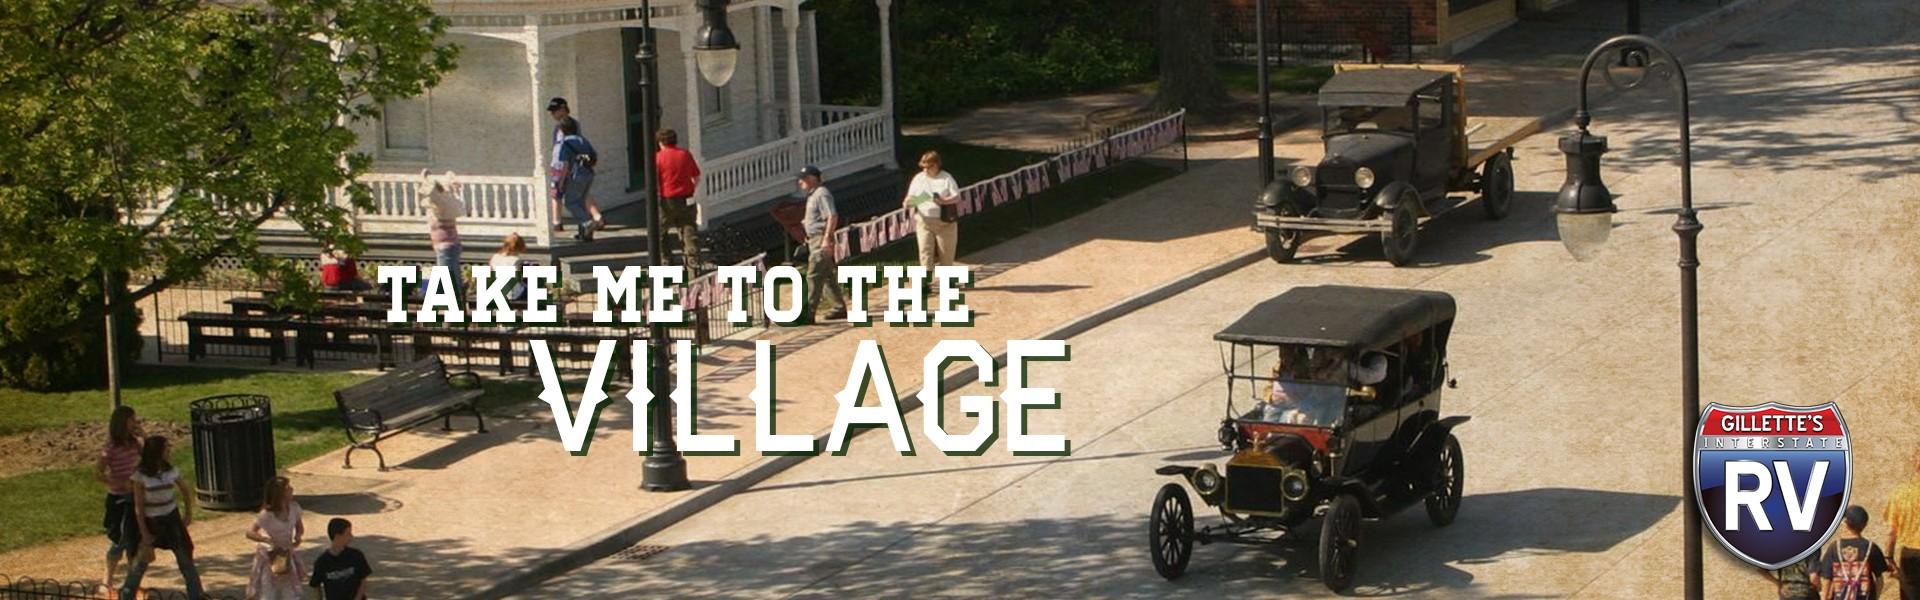 Take me to the village - People walking around Greenfield Village